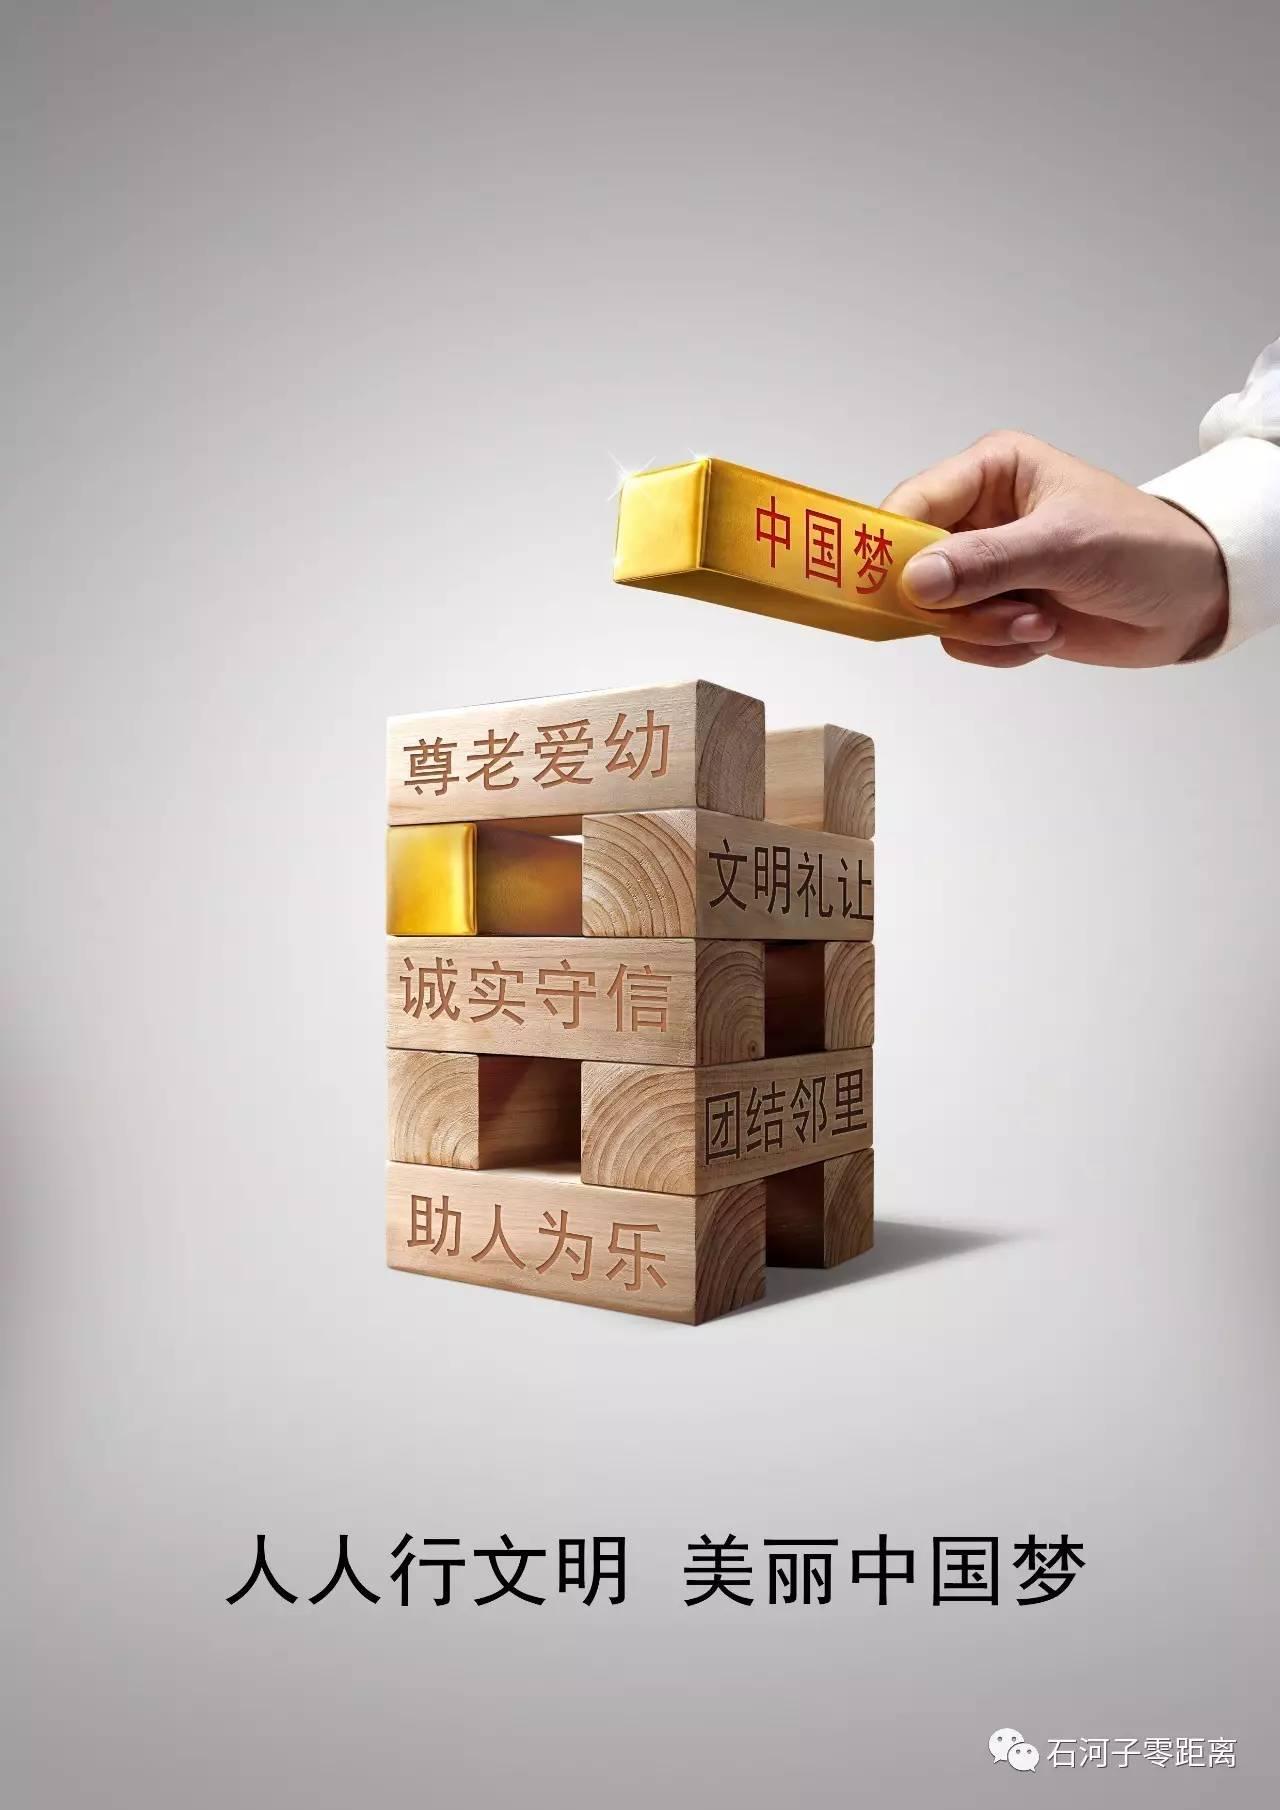 《人人行文明 美丽中国梦》